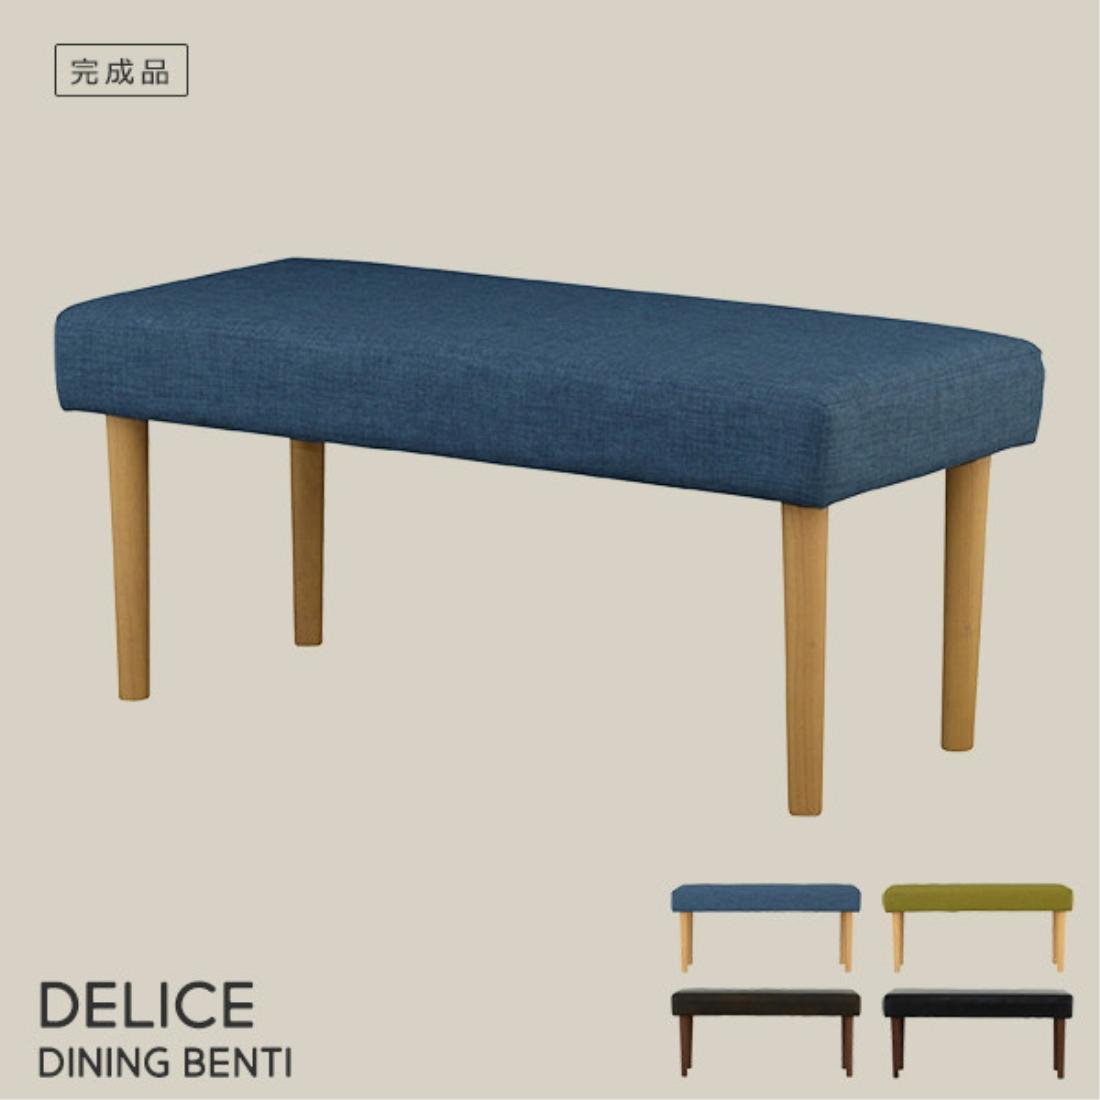 【送料無料】家具 キッチン 椅子 DELICE(デリース)ダイニングベンチ(95cm幅)4色展開 オシャレ